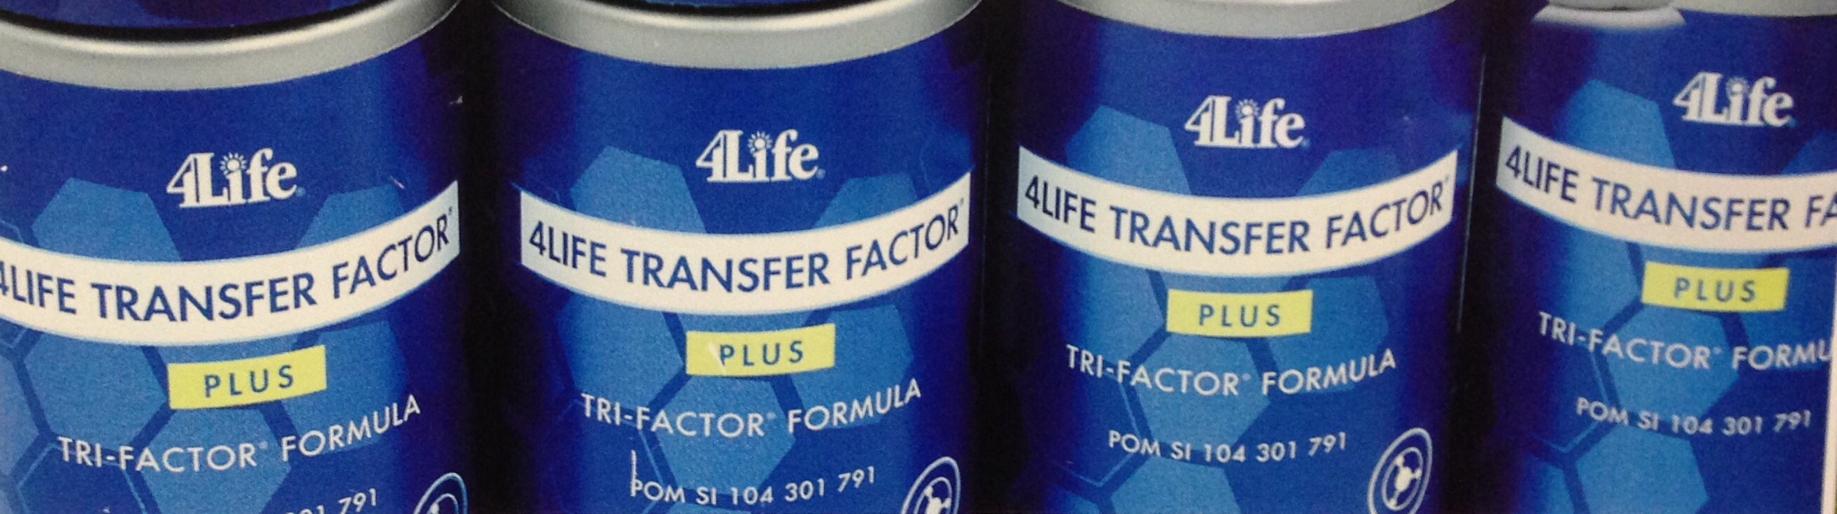 transfer factor plus semarang